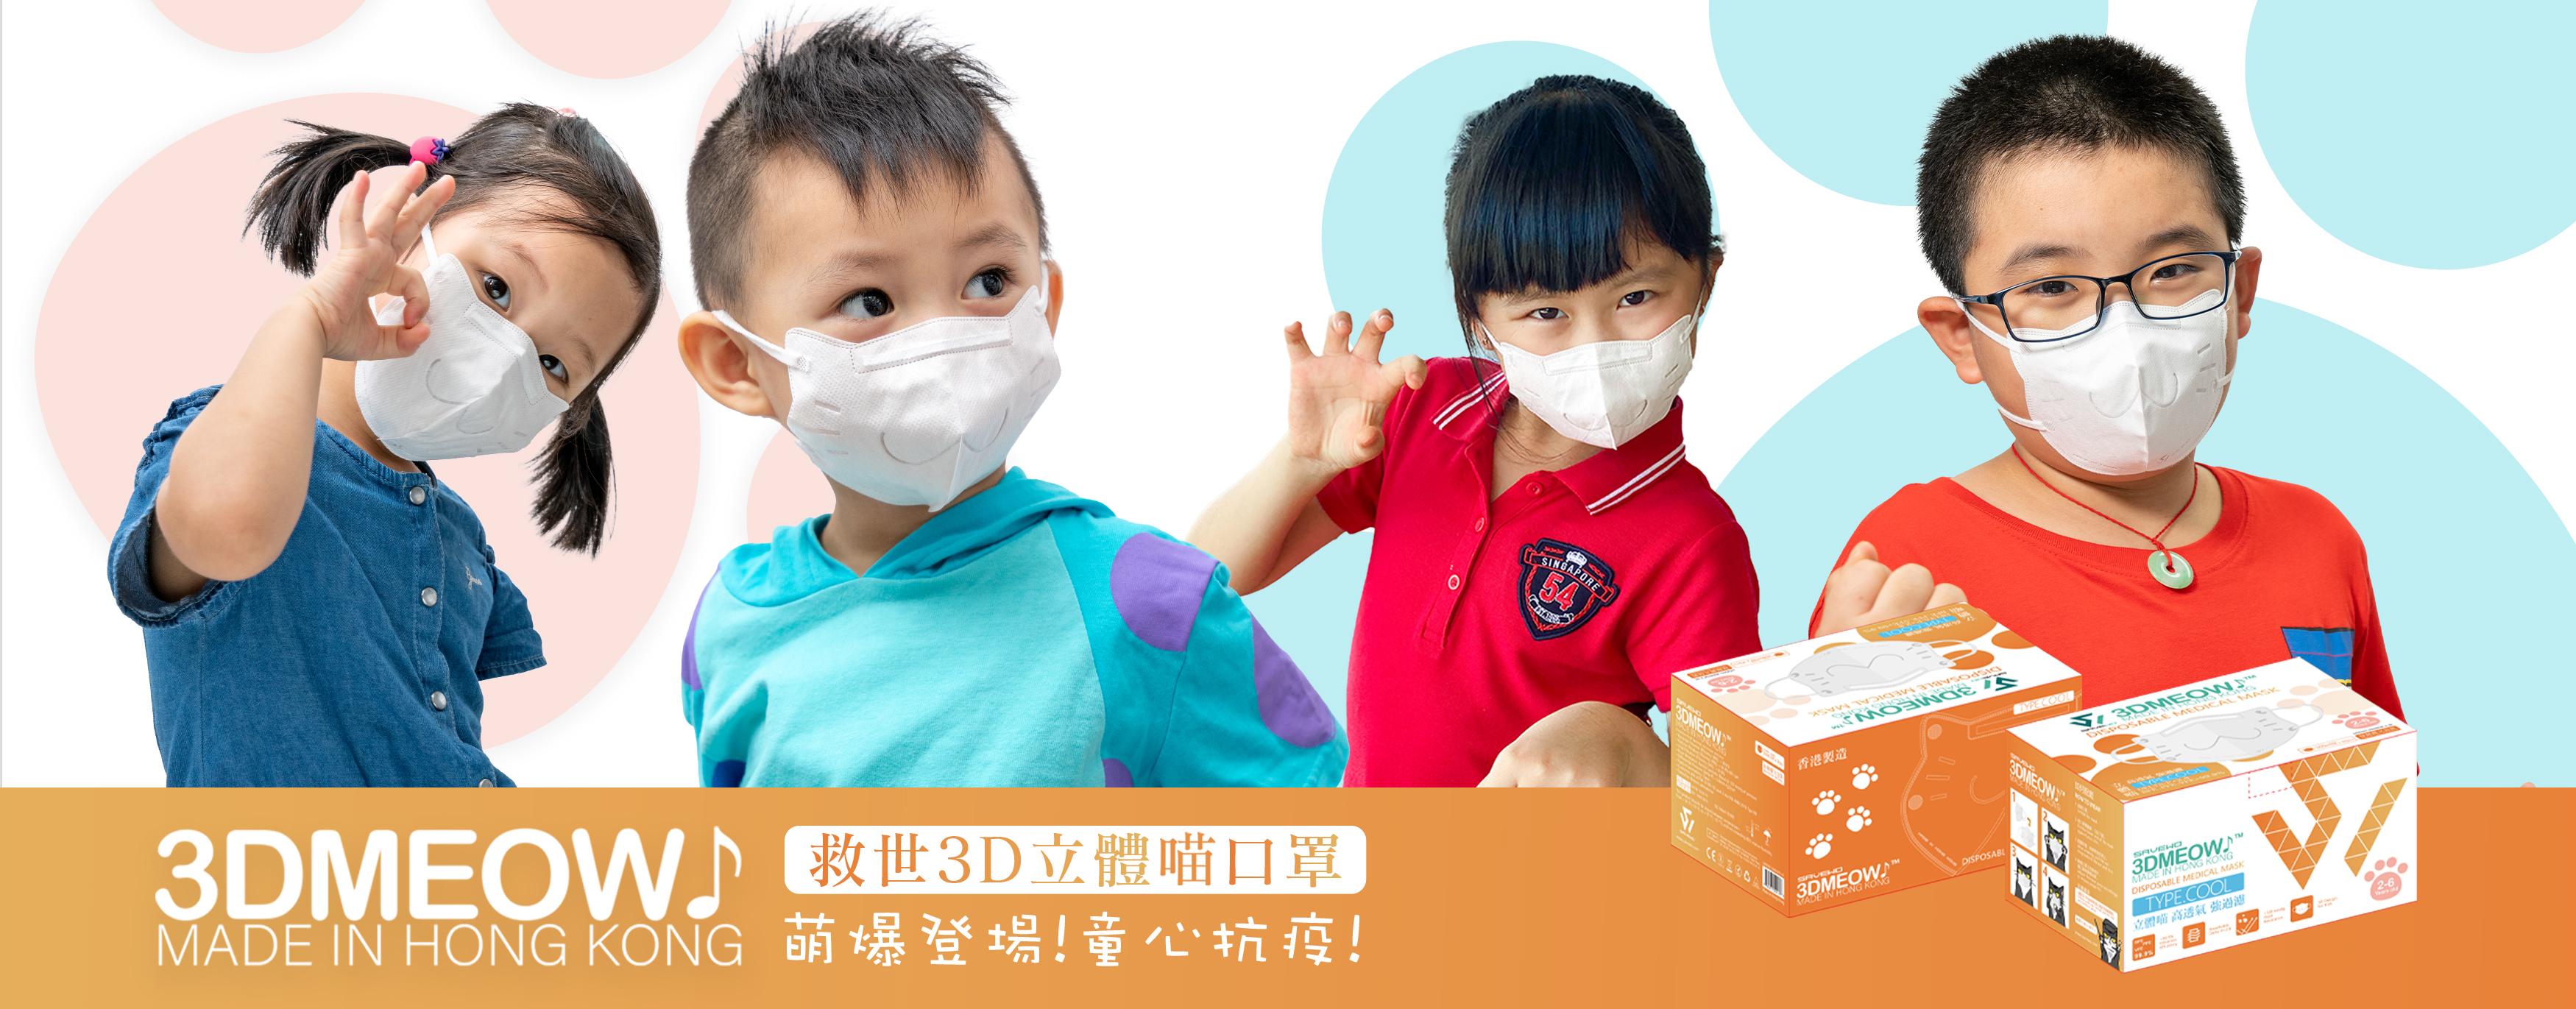 香港製 SAVEWO 救世 3DMEOW FOR KIDS 立體喵 兒童防護口罩 S SIZE 2-6歲適用 30片獨立包裝/盒